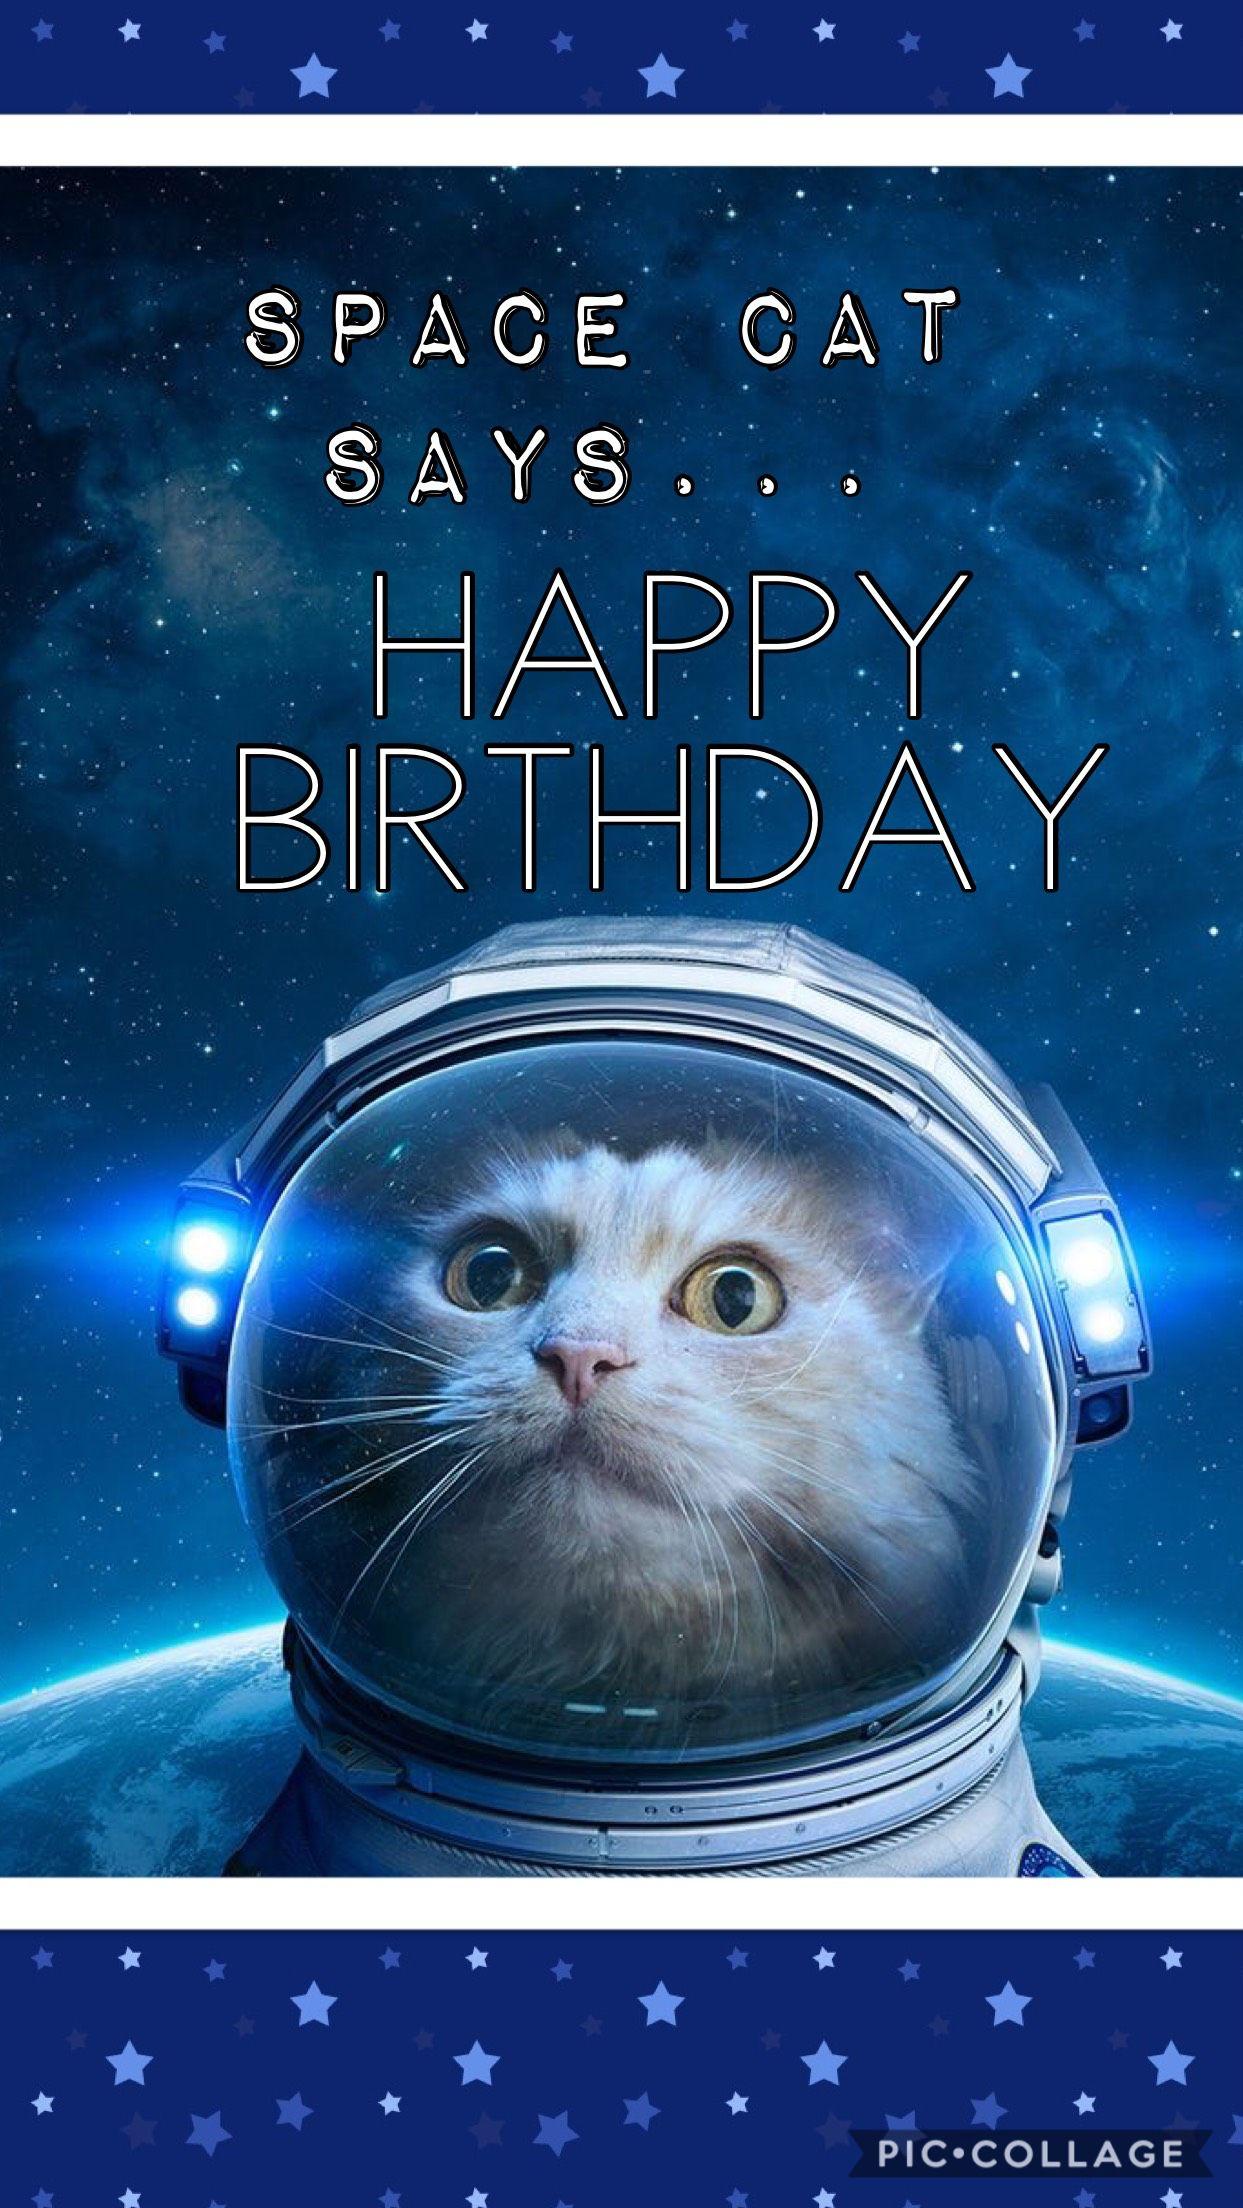 Space cat happy bday Happy birthday cat, Cat birthday